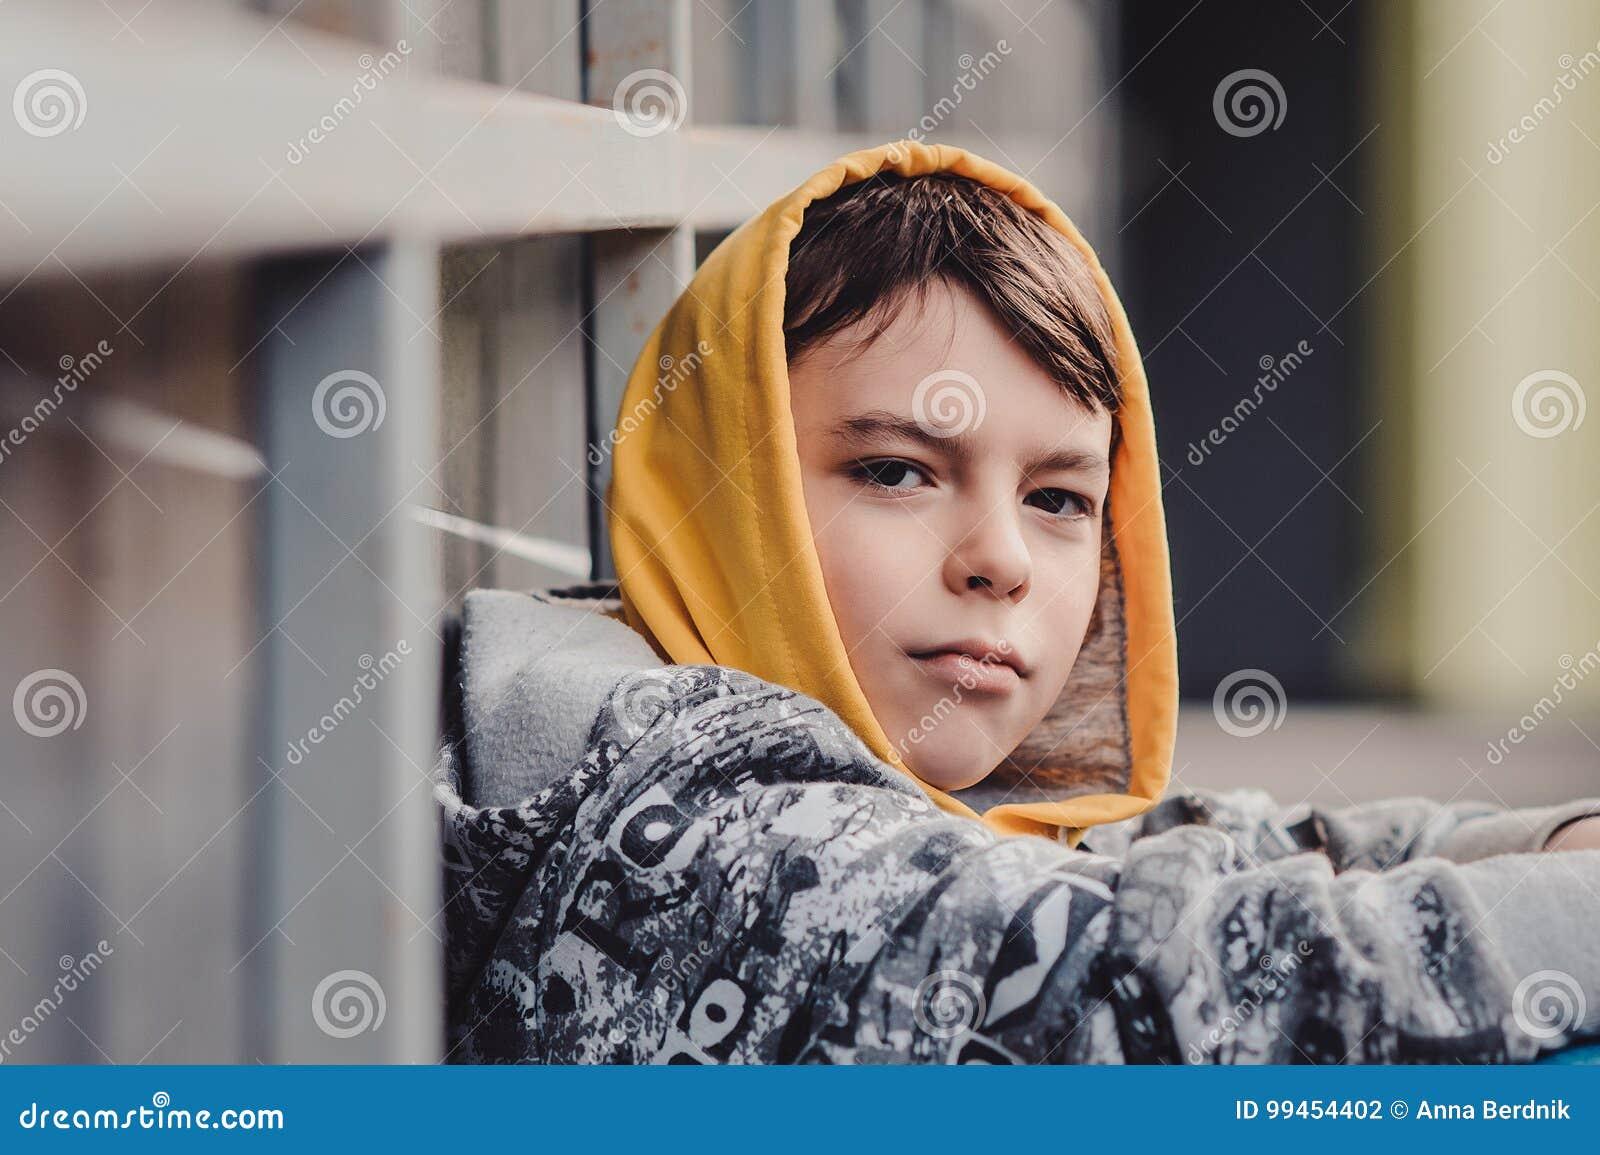 Muchacho Pre-adolescente en una calle en una ciudad grande al lado de un edificio alto solamente